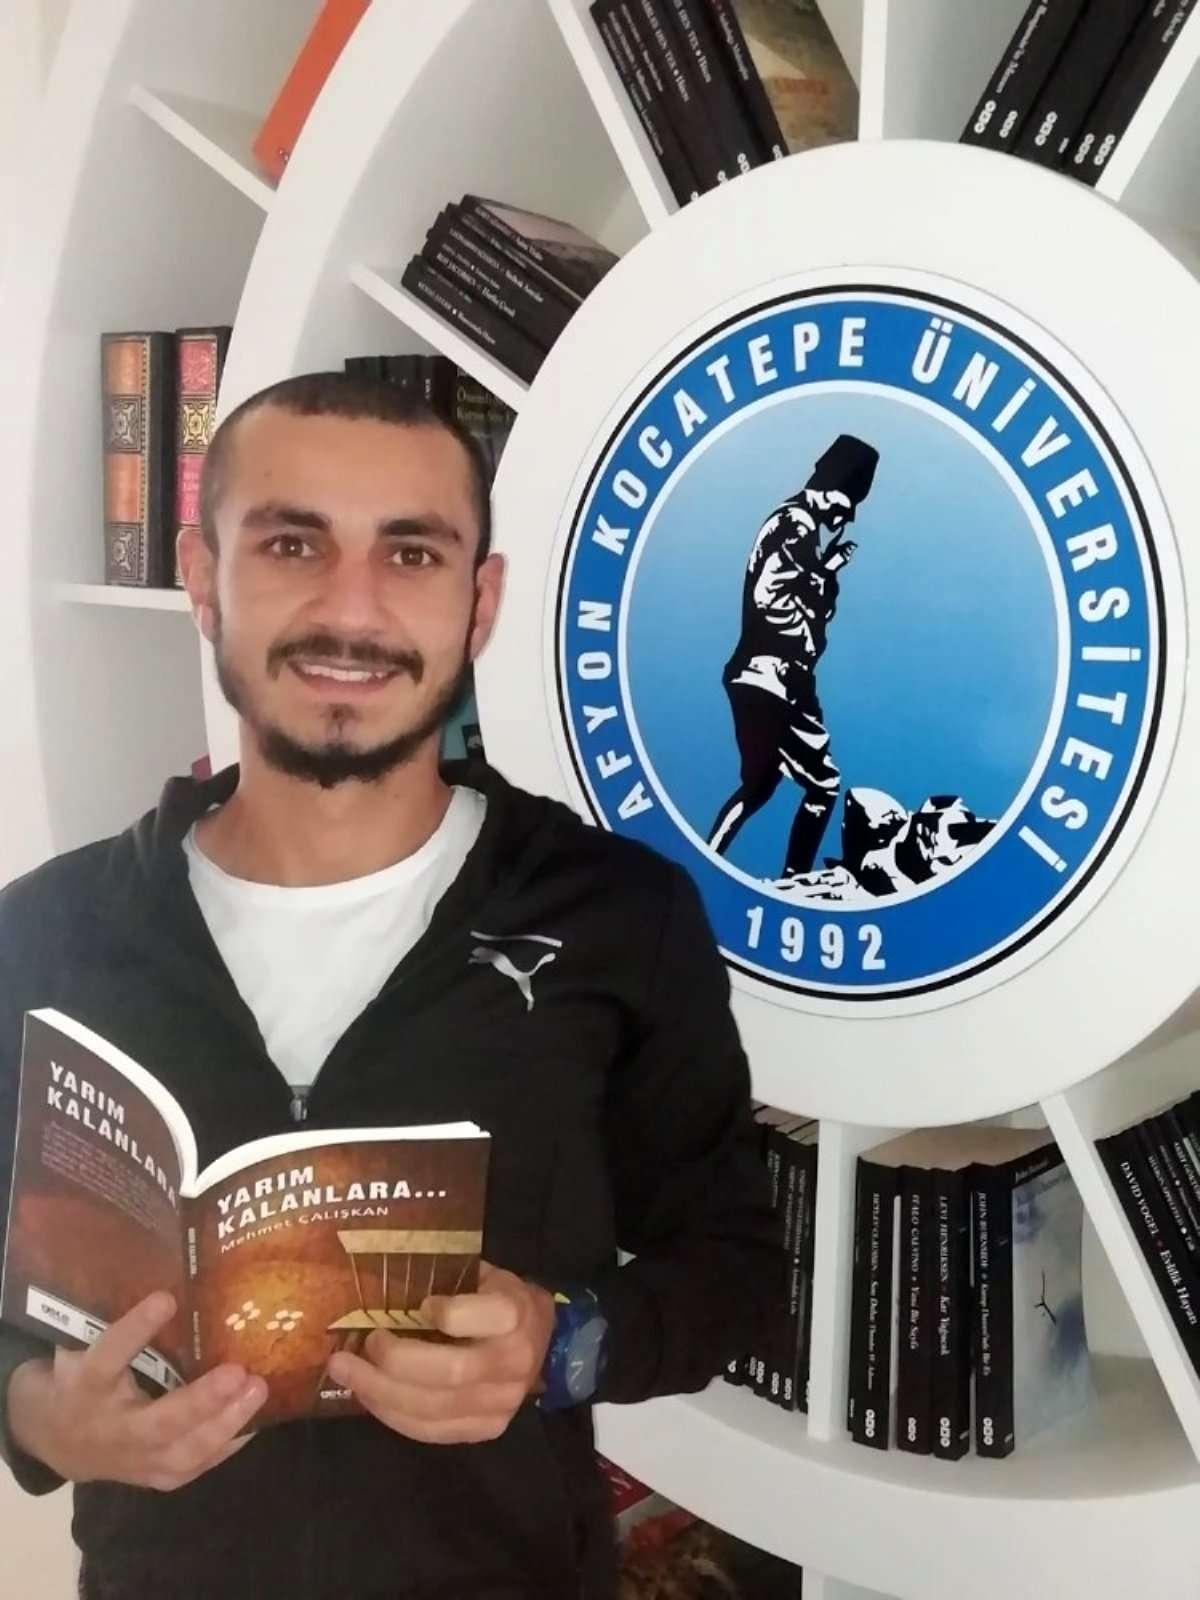 Üniversite öğrencisinin Yarım Kalanlara isimli kitabı yayınlandı